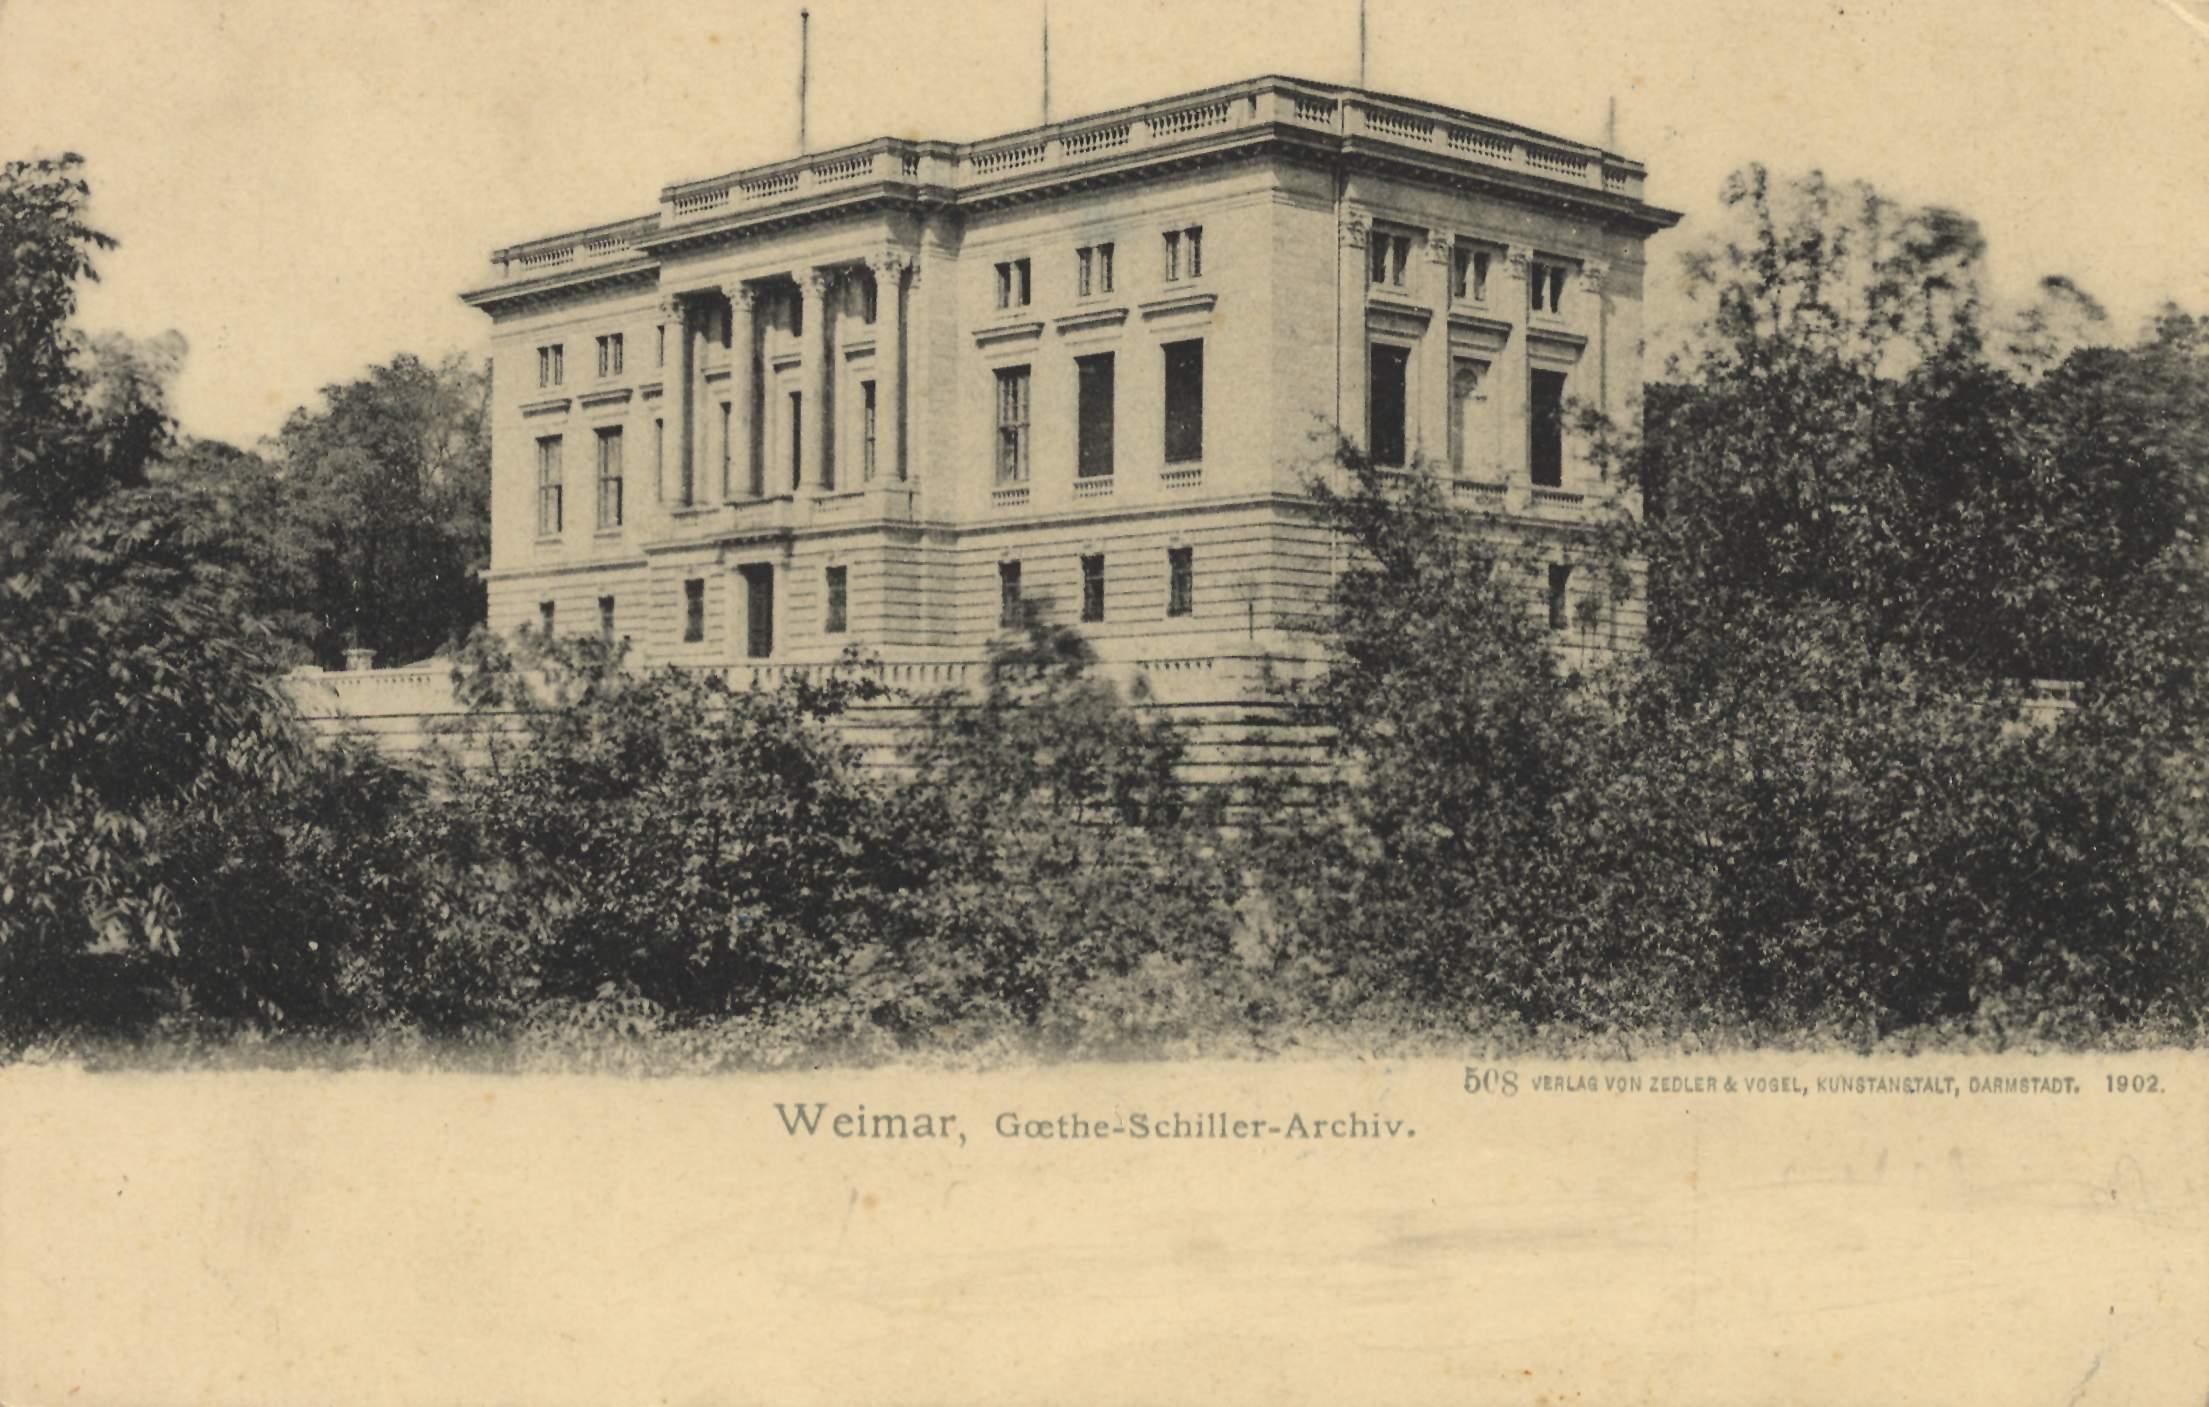 Archives Goethe-Schiller, Weimar